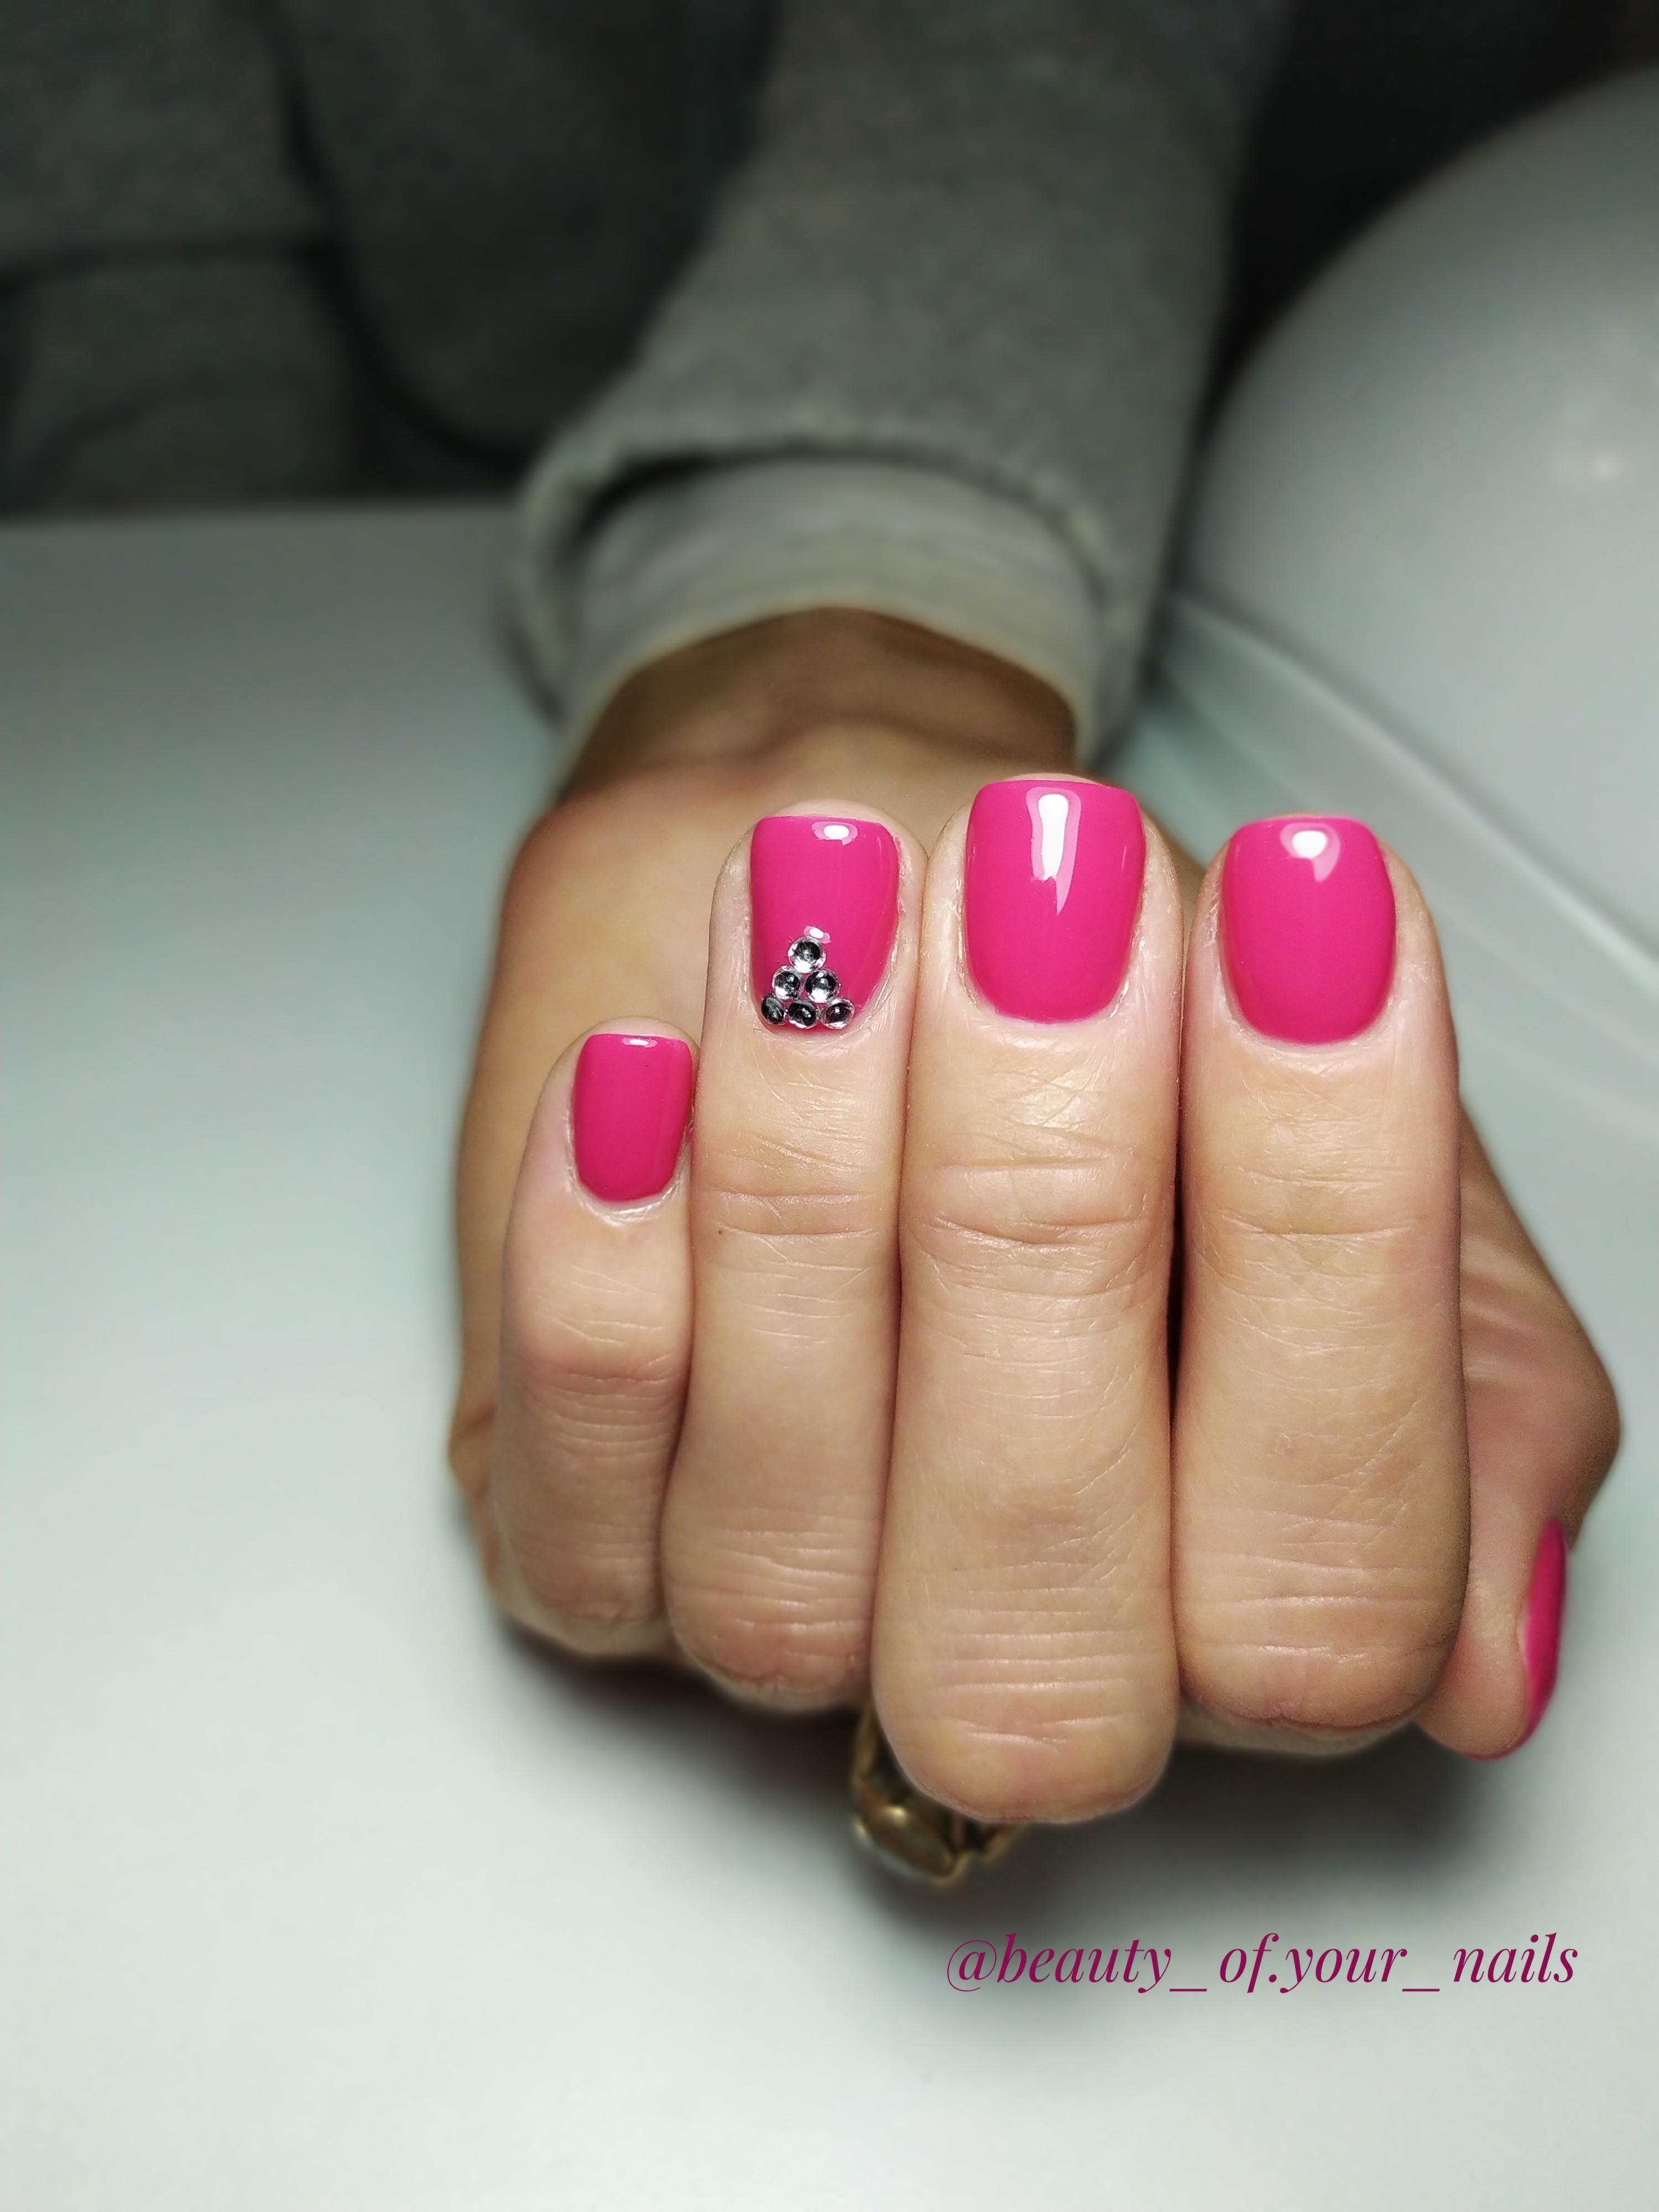 Маникюр со стразами в лиловом цвете на короткие ногти.